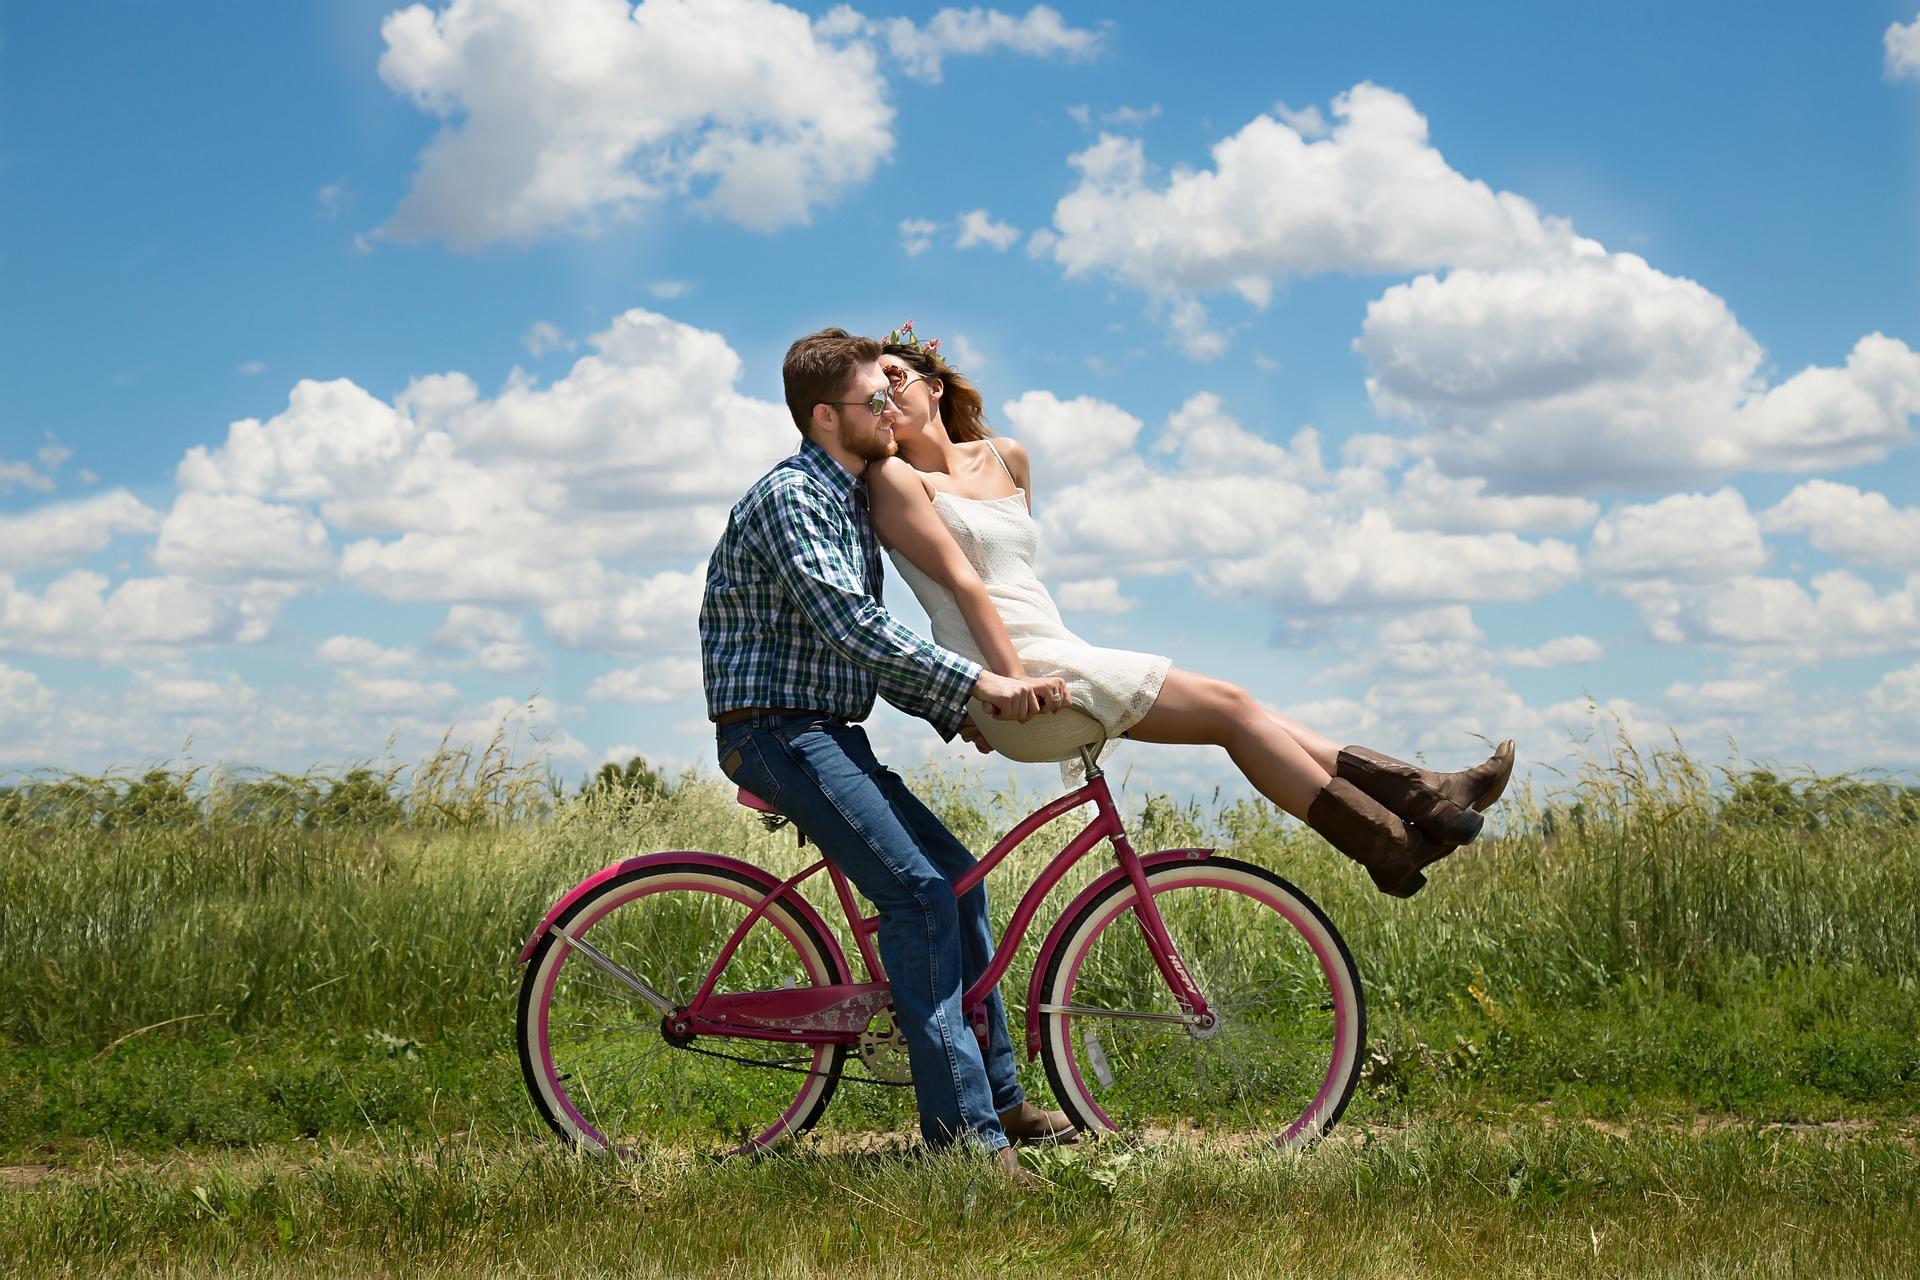 Gode tips til at holde gnisten i parforholdet i gang i en travl hverdag